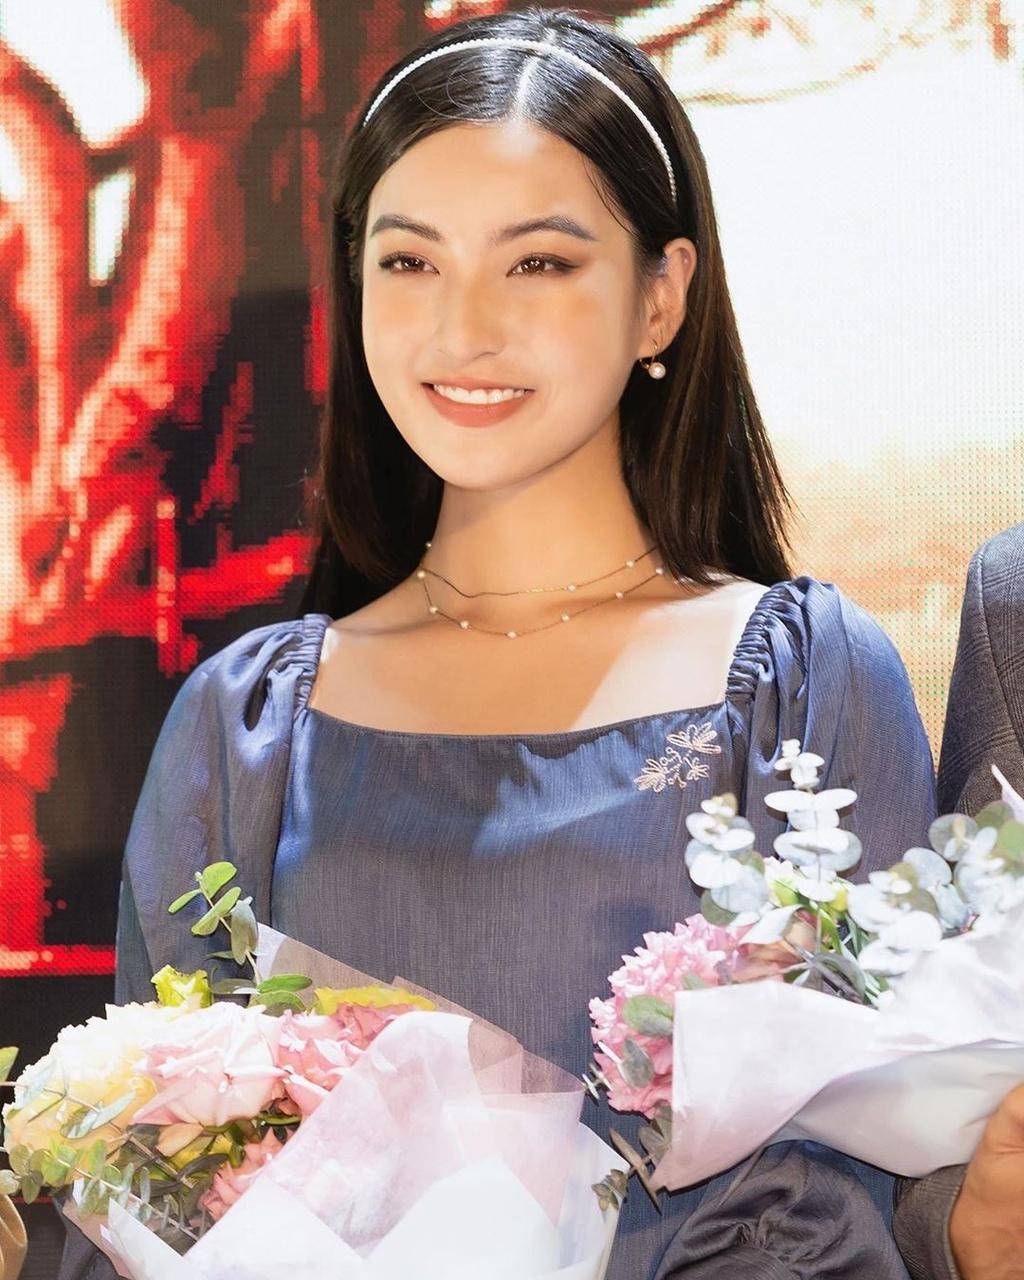 Ha Lan 'Mat biec' chuong style nang tho, Hong thich kieu truong thanh hinh anh 13 79301408_1639521749522913_3355294932882029418_n.jpg